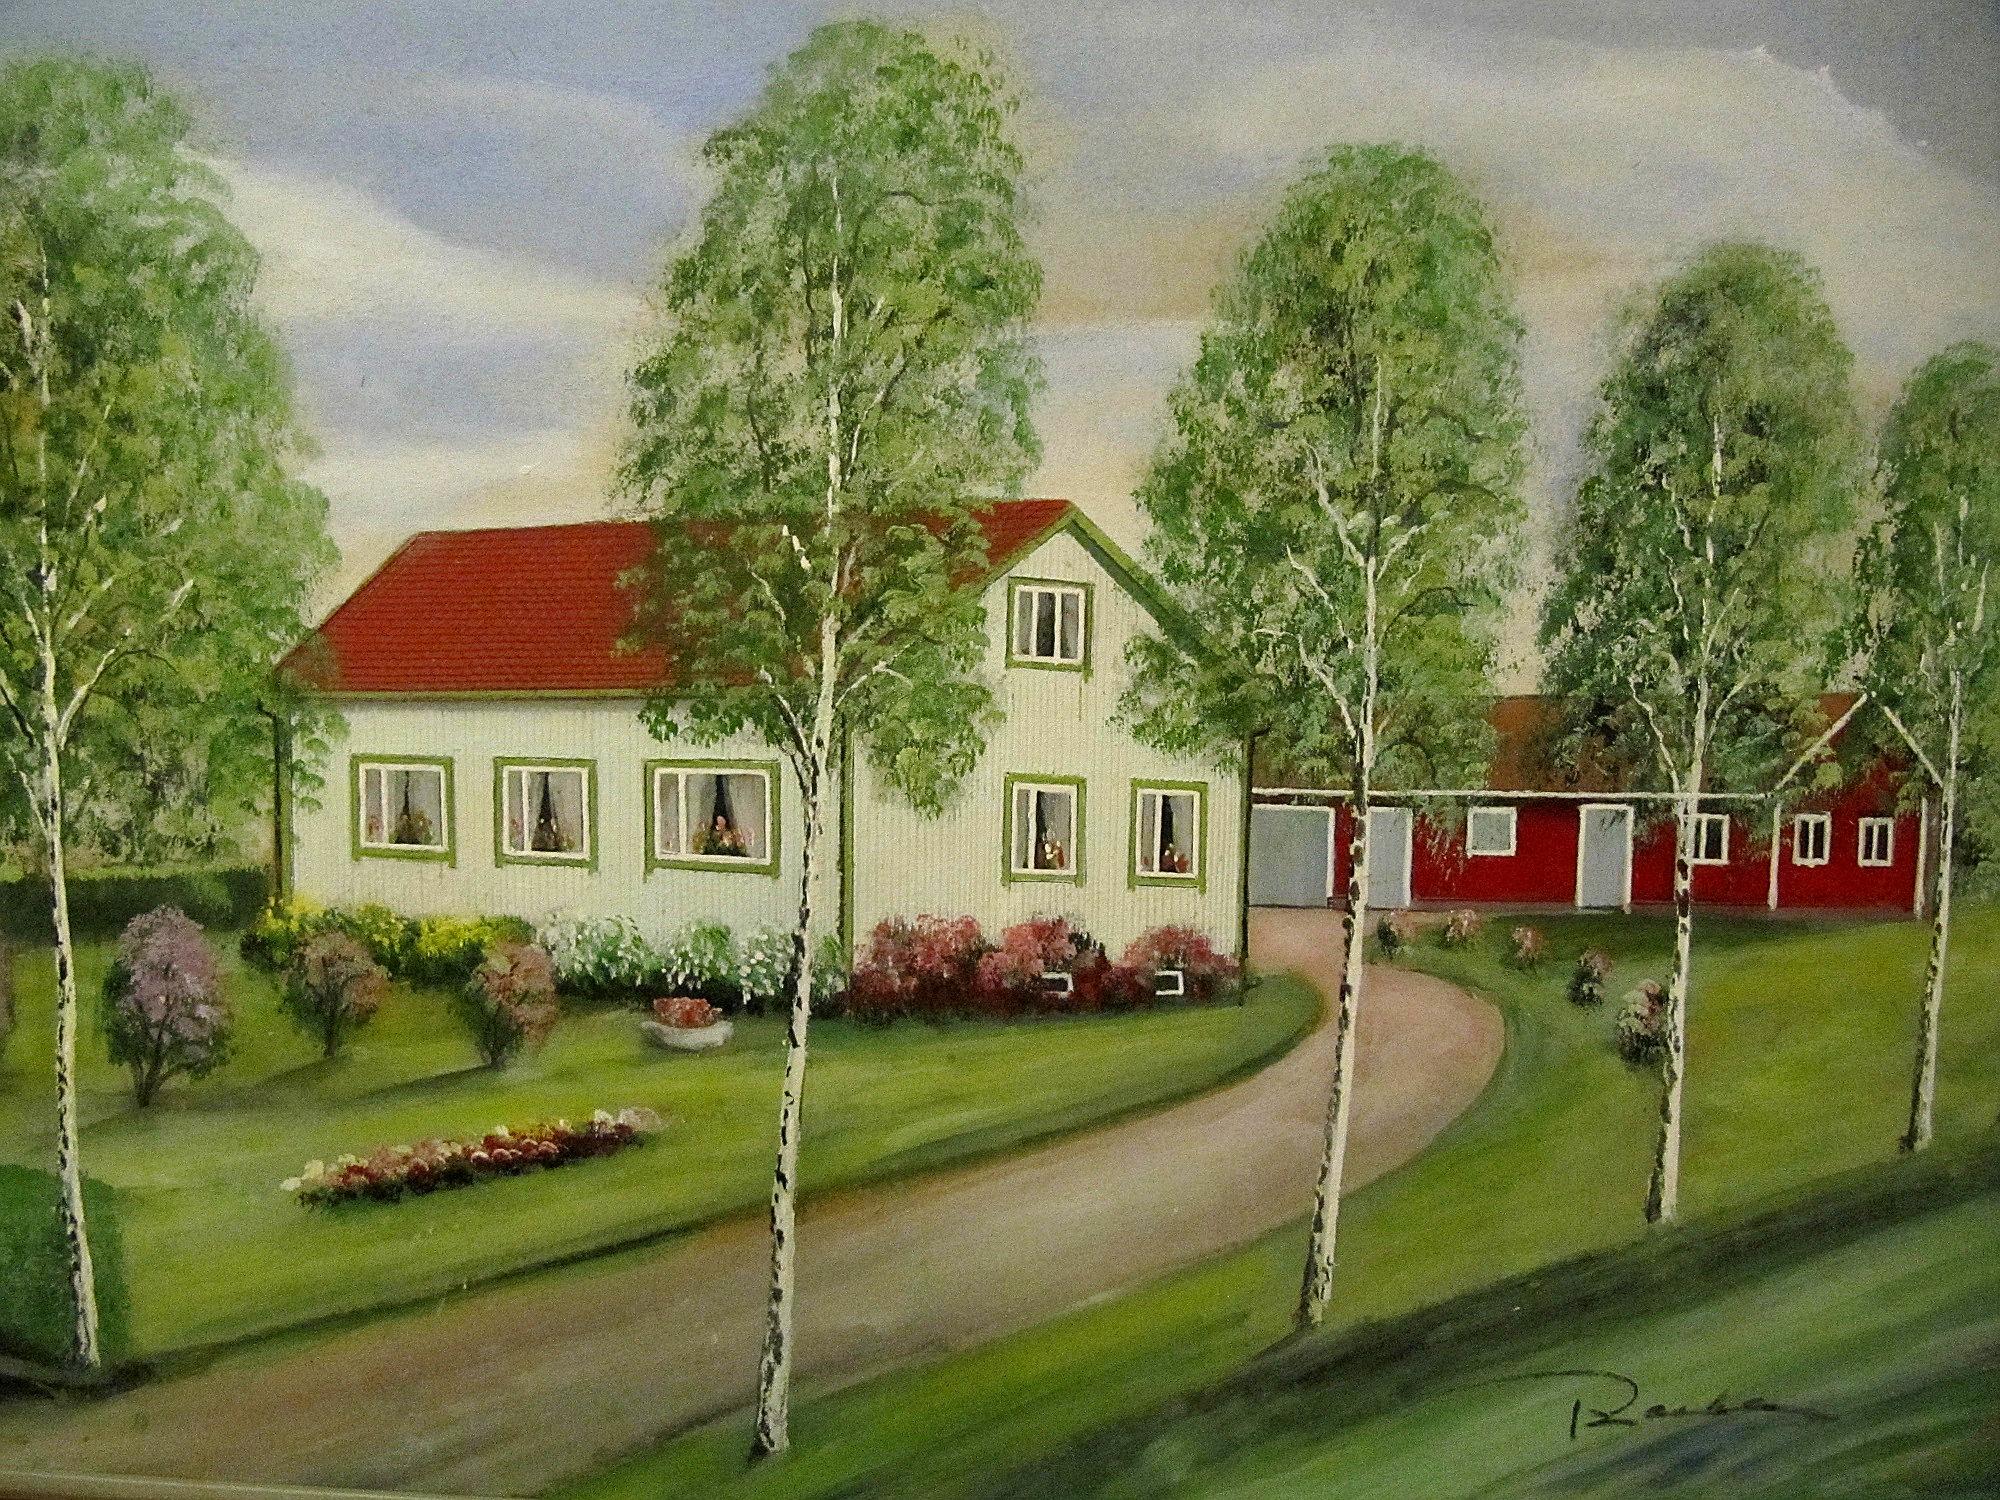 Ethel och Velis gård enligt konstnären Rosblom.